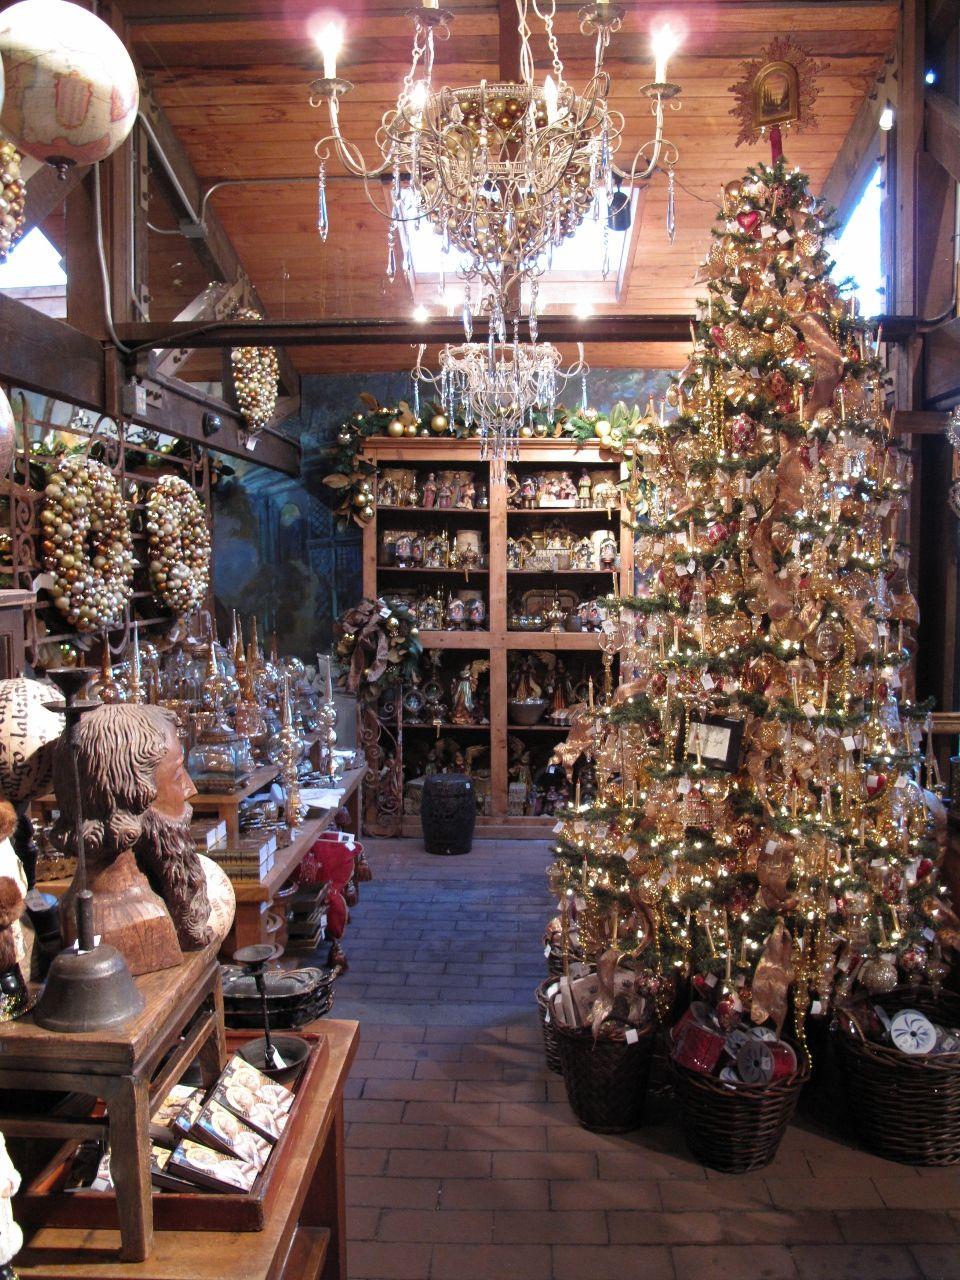 2011 Roger's Gardens Christmas Christmas store displays